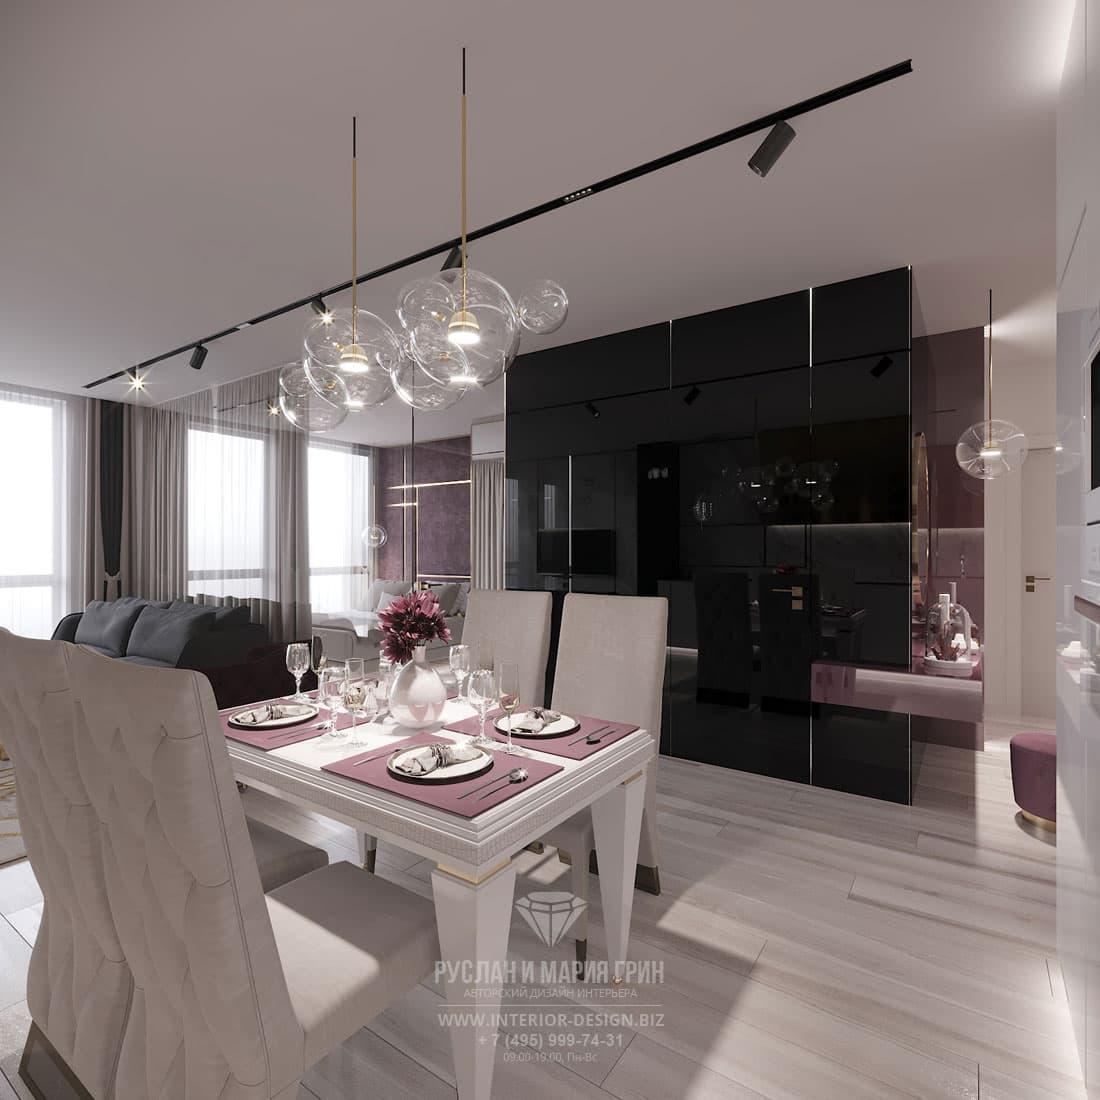 Интерьер гостиной со столовой зоной